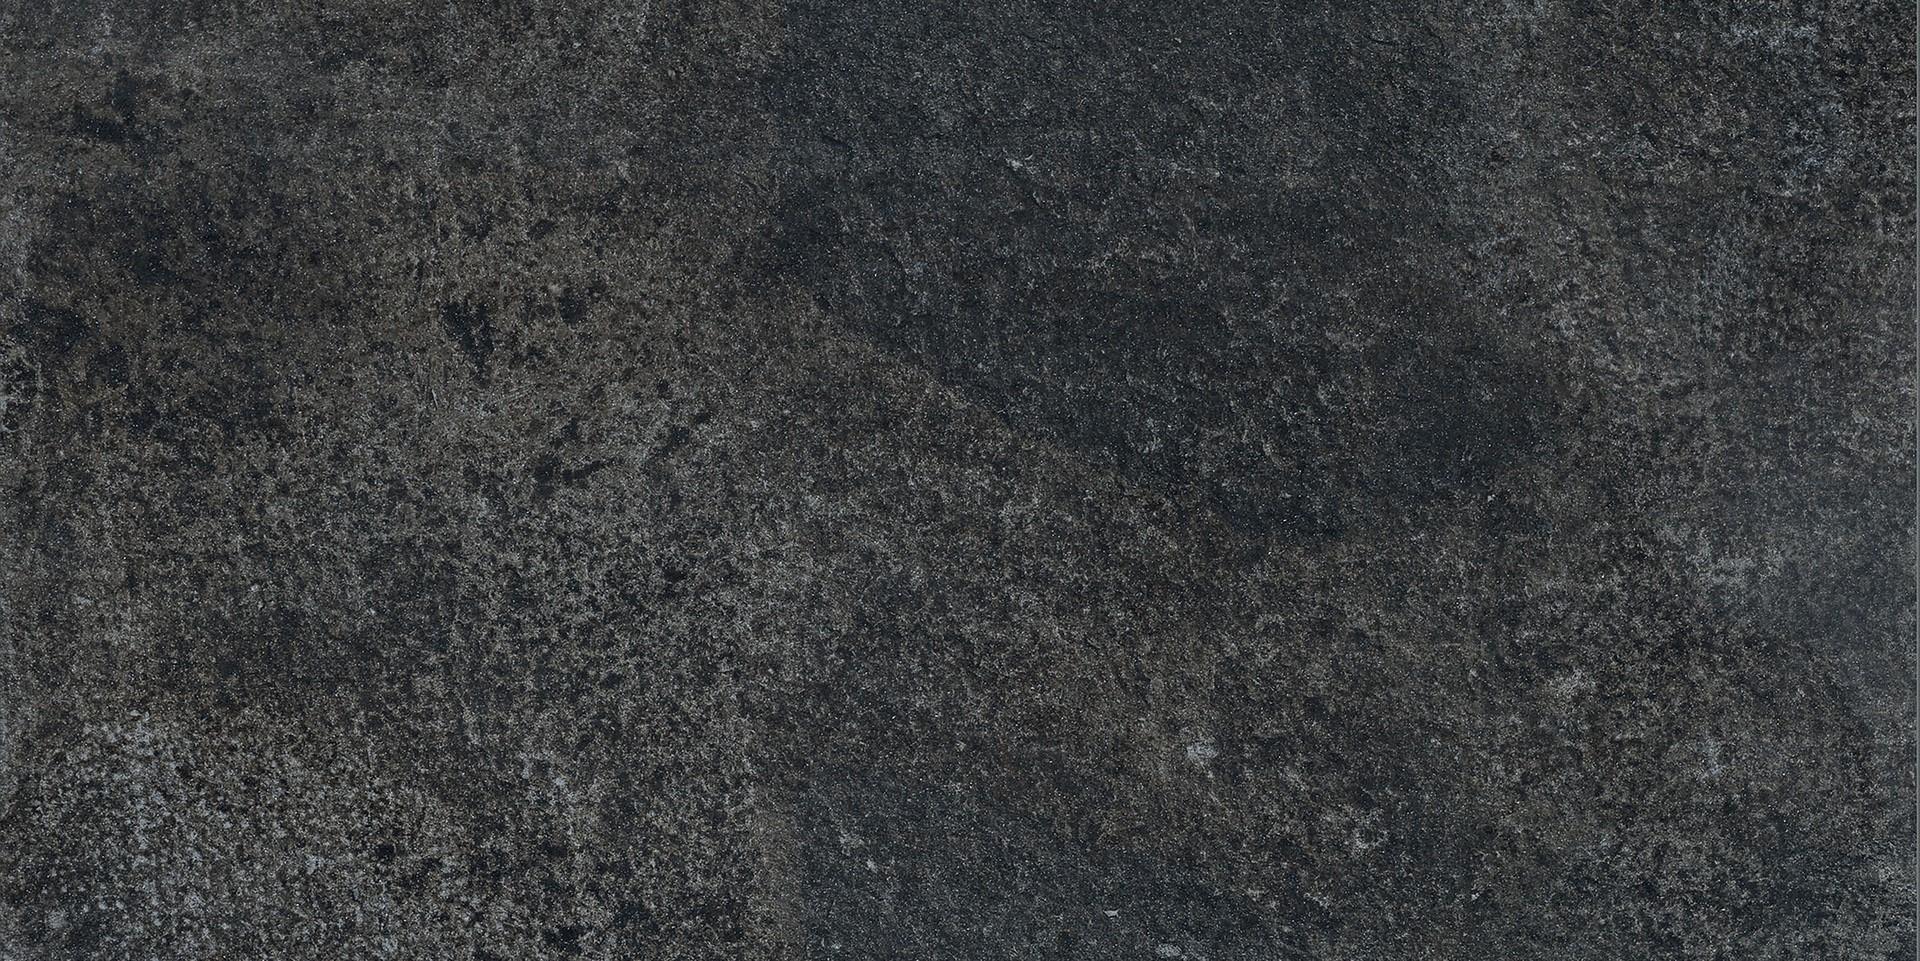 ODSTÍN BLACK